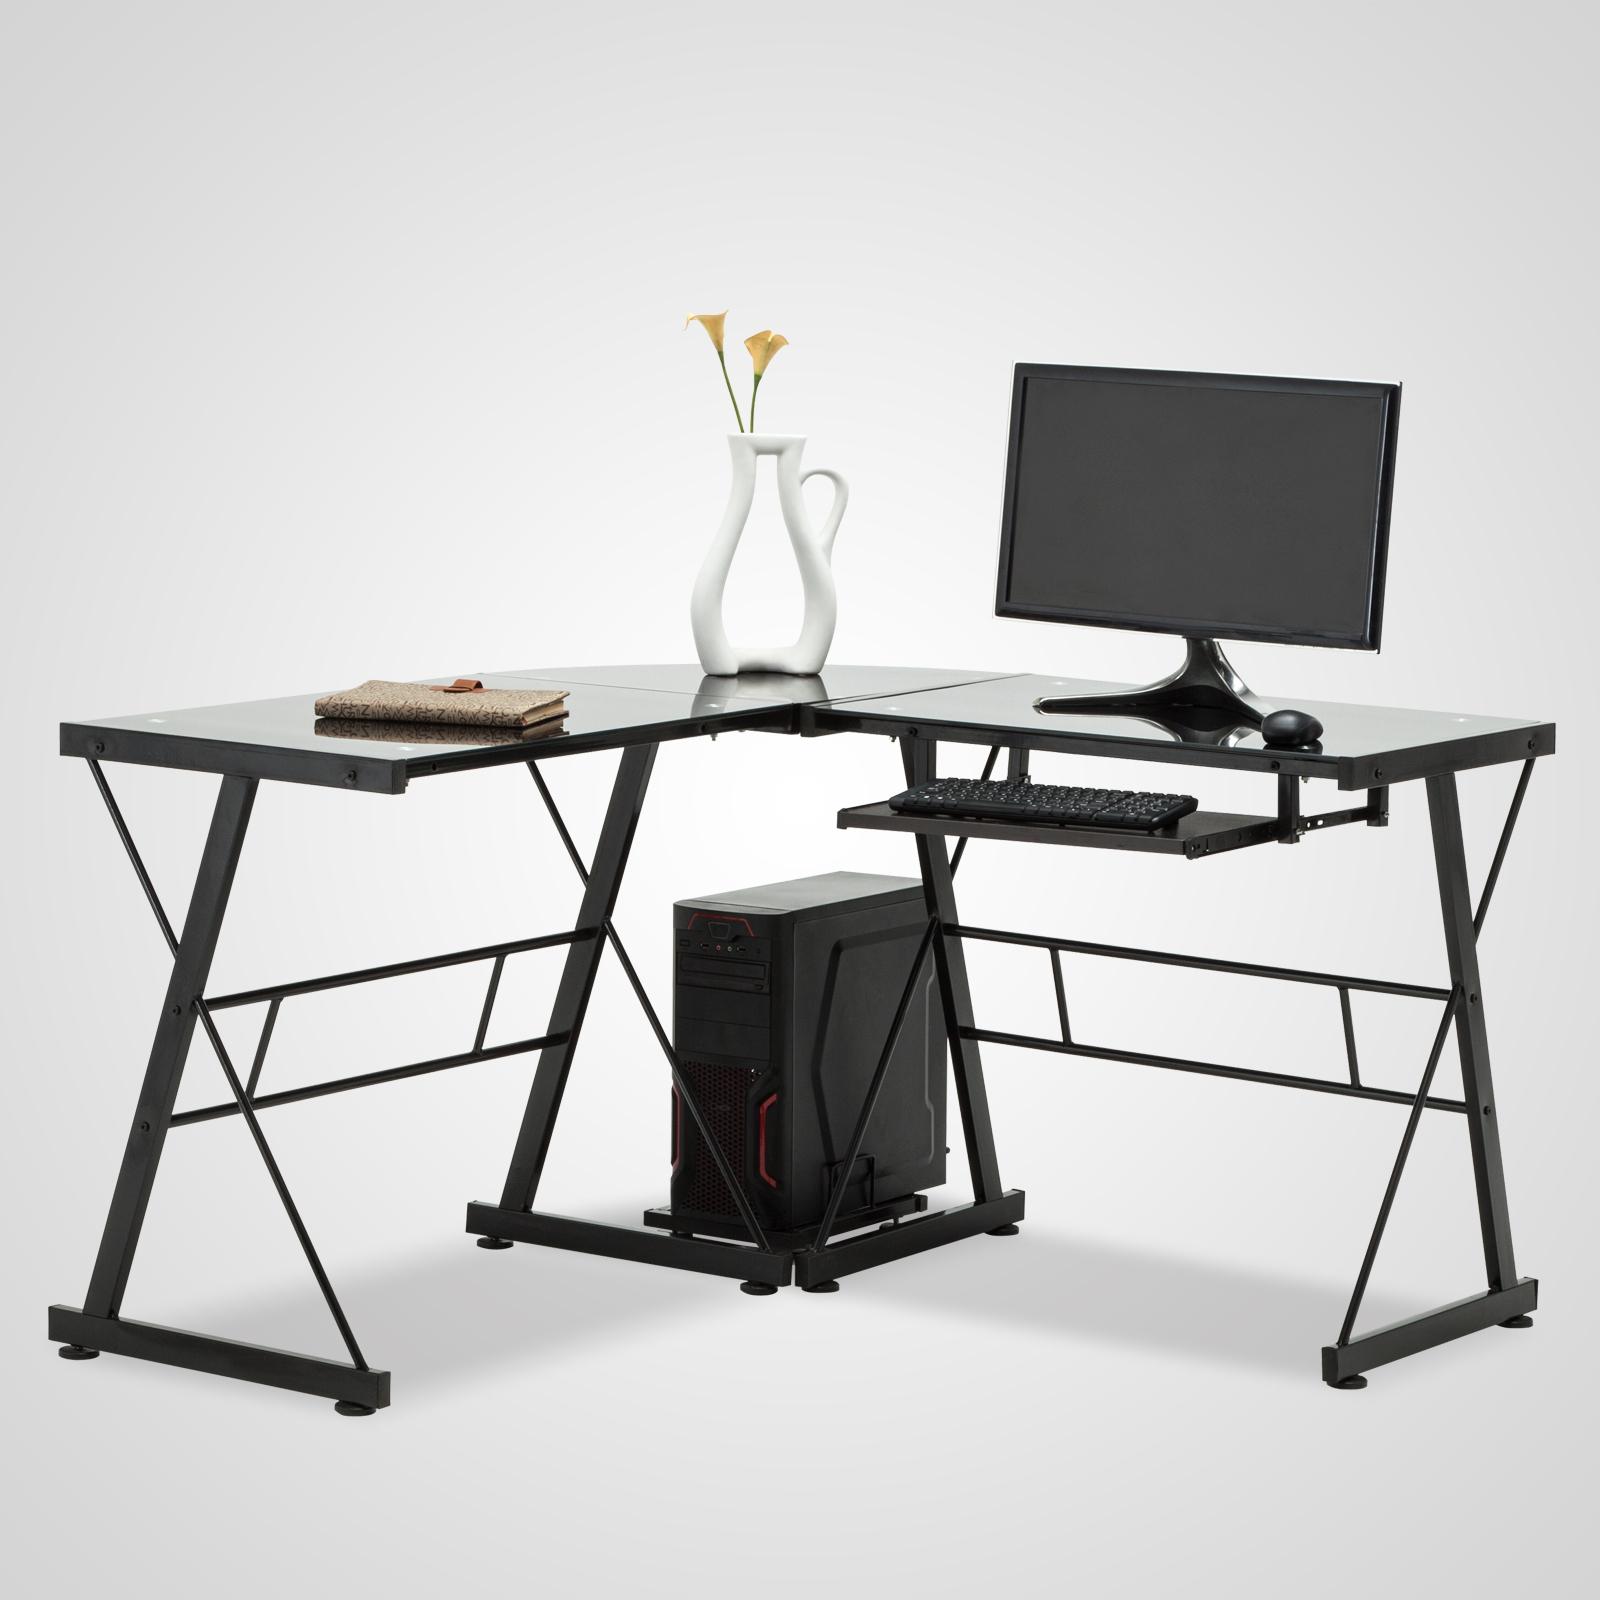 l shape corner black computer desk pc glass laptop table workstation home office ebay. Black Bedroom Furniture Sets. Home Design Ideas